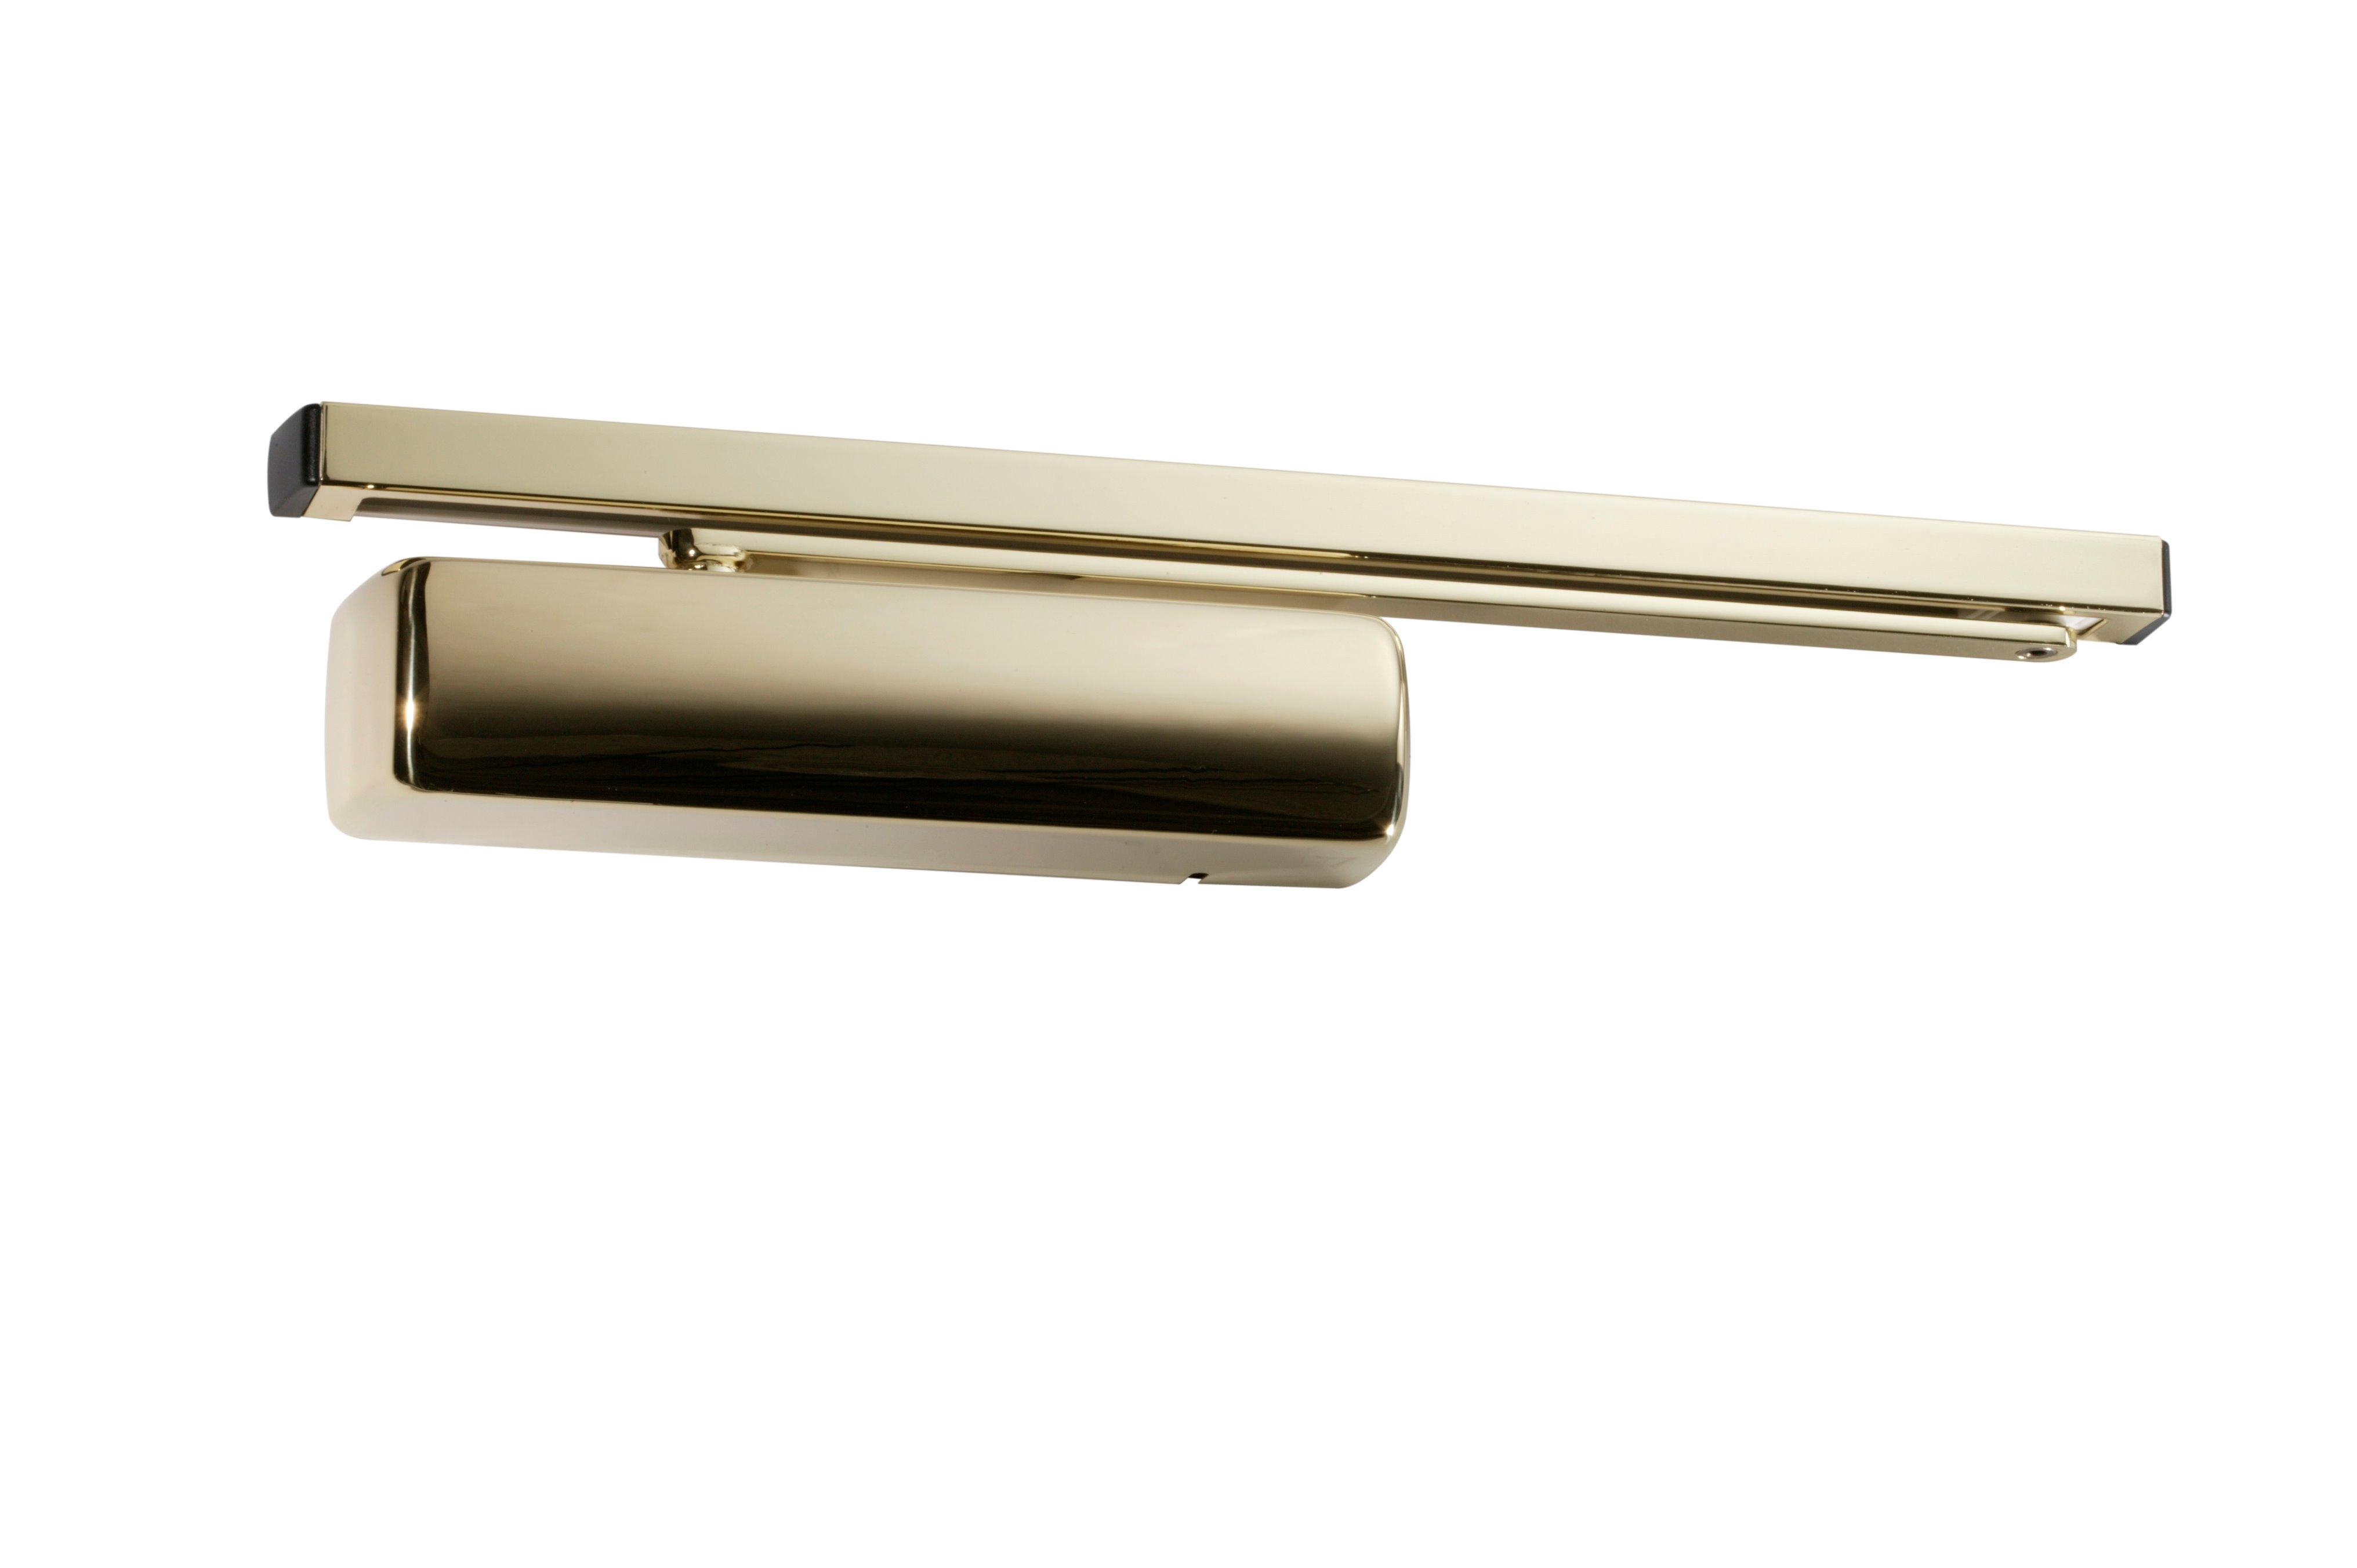 DC330 Bright brass